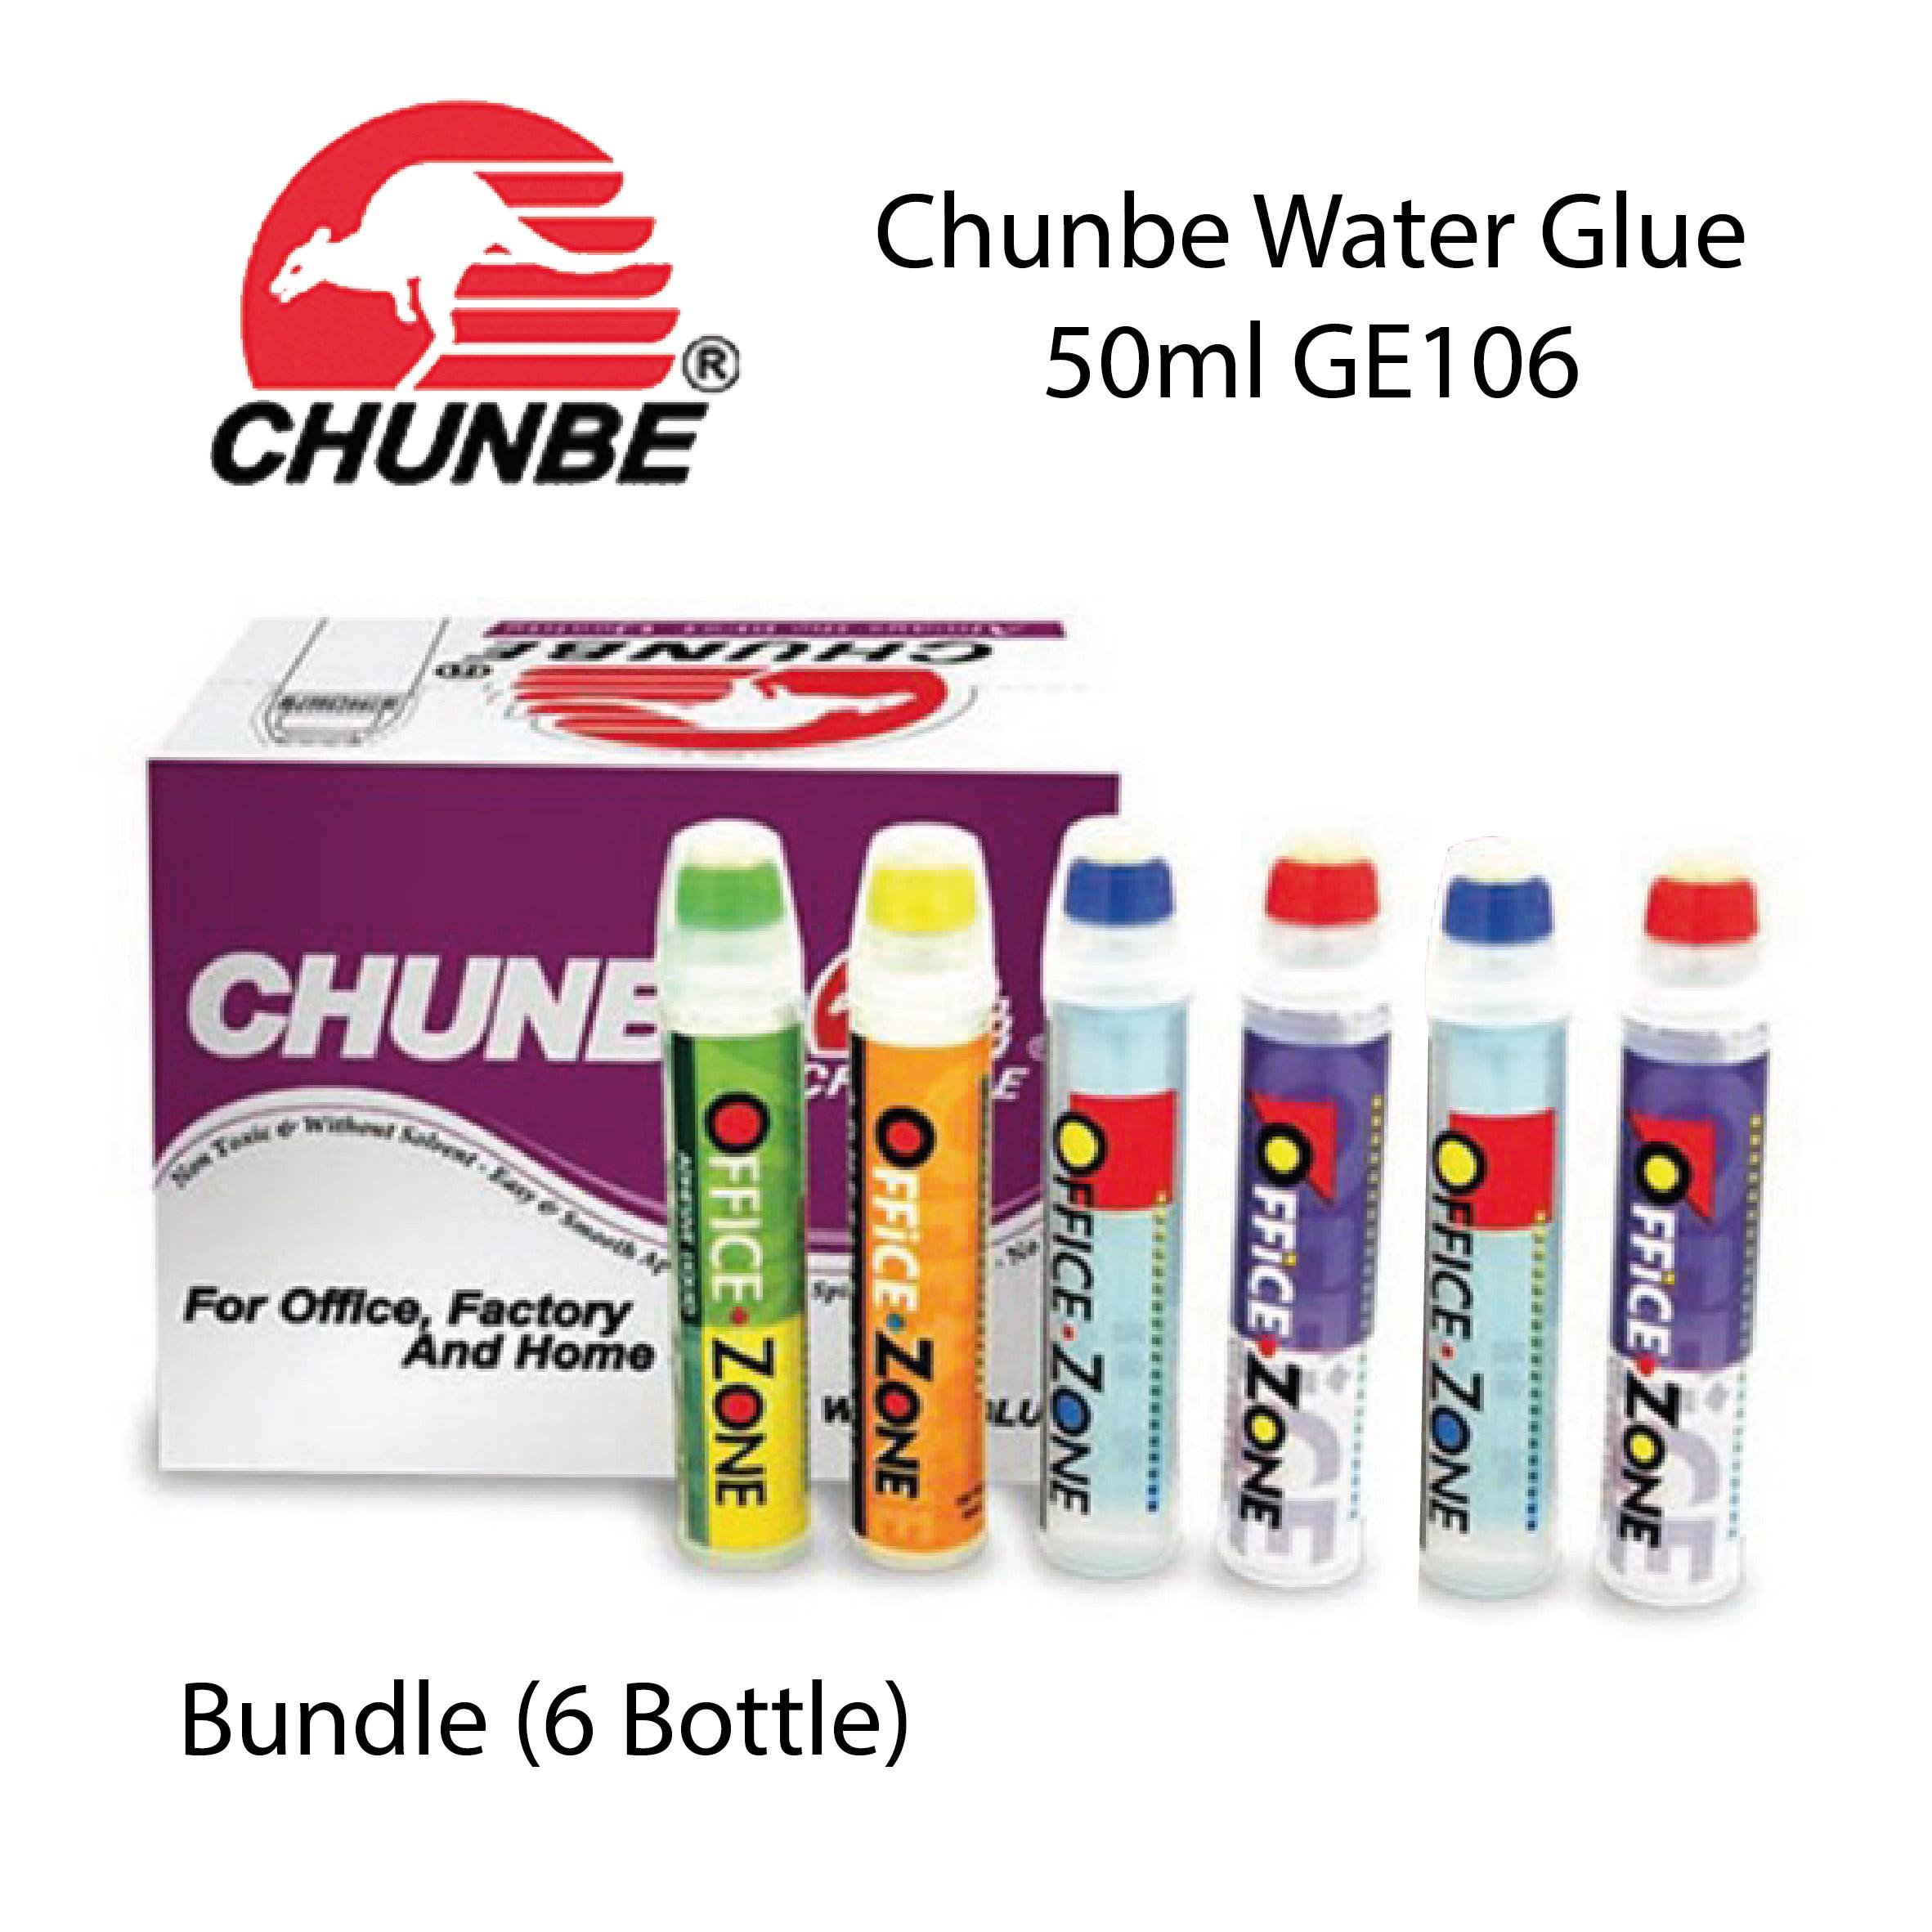 Chunbe Water Glue 50ml GE106 Bundle (6 Bottle)